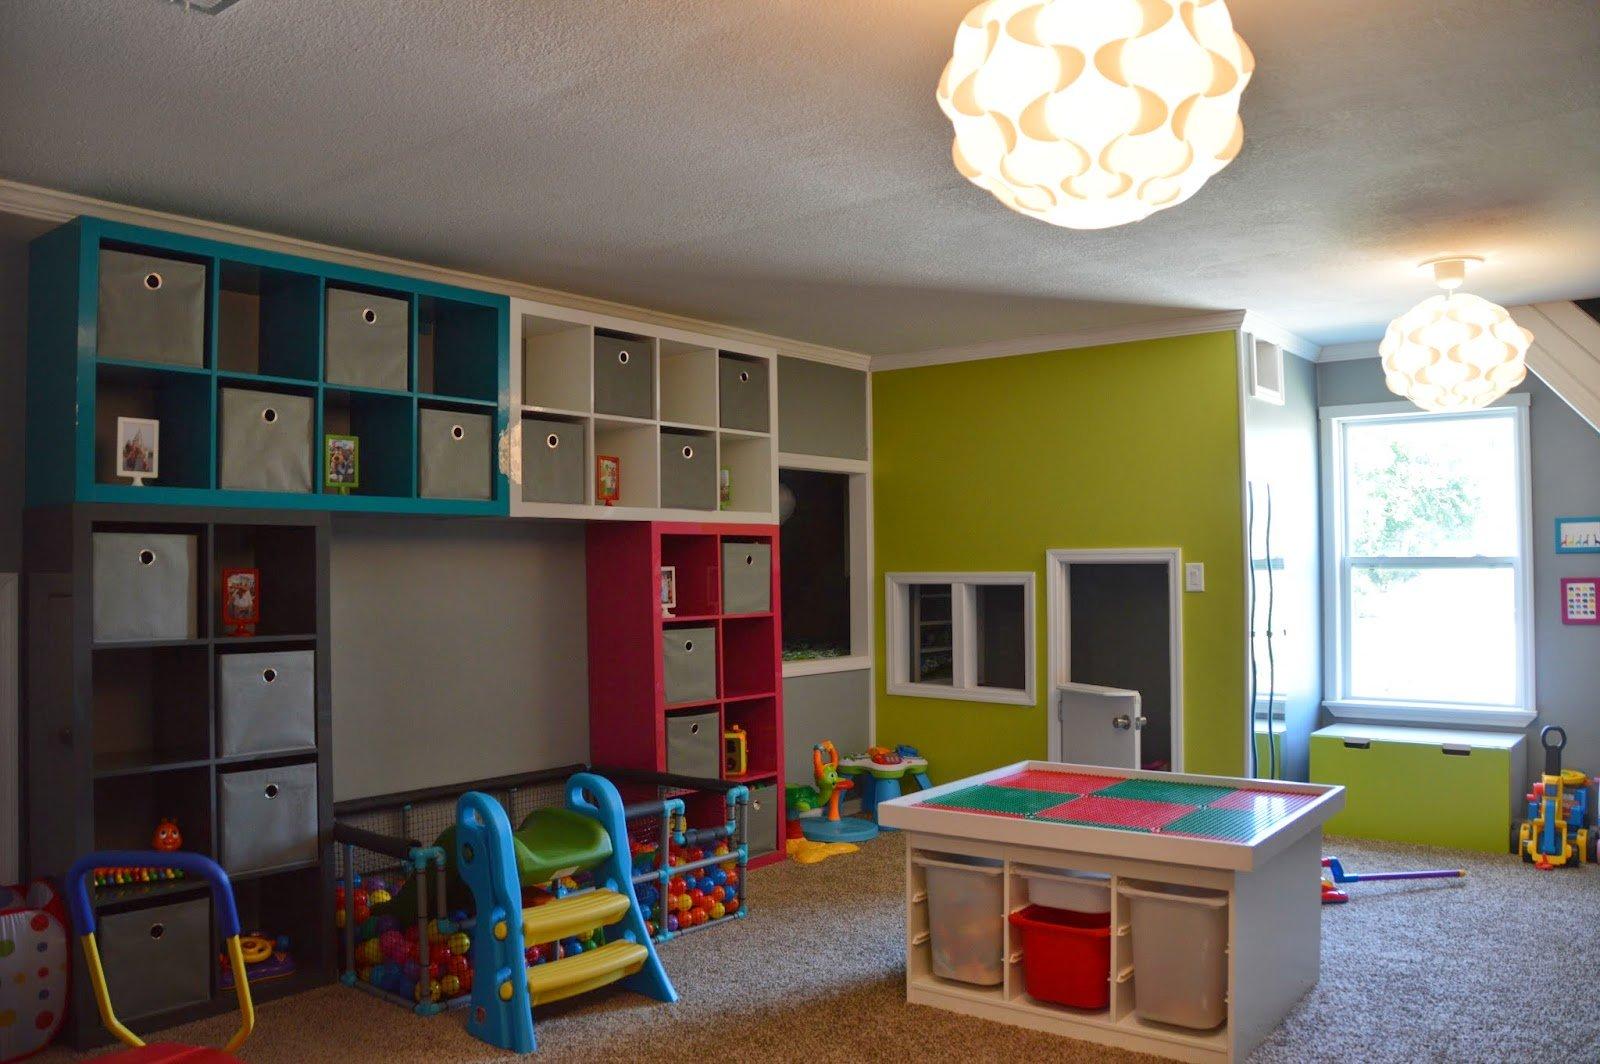 Pok j dzieci cy z ikea kallax i stuva - Ikea kallax kinderzimmer ...